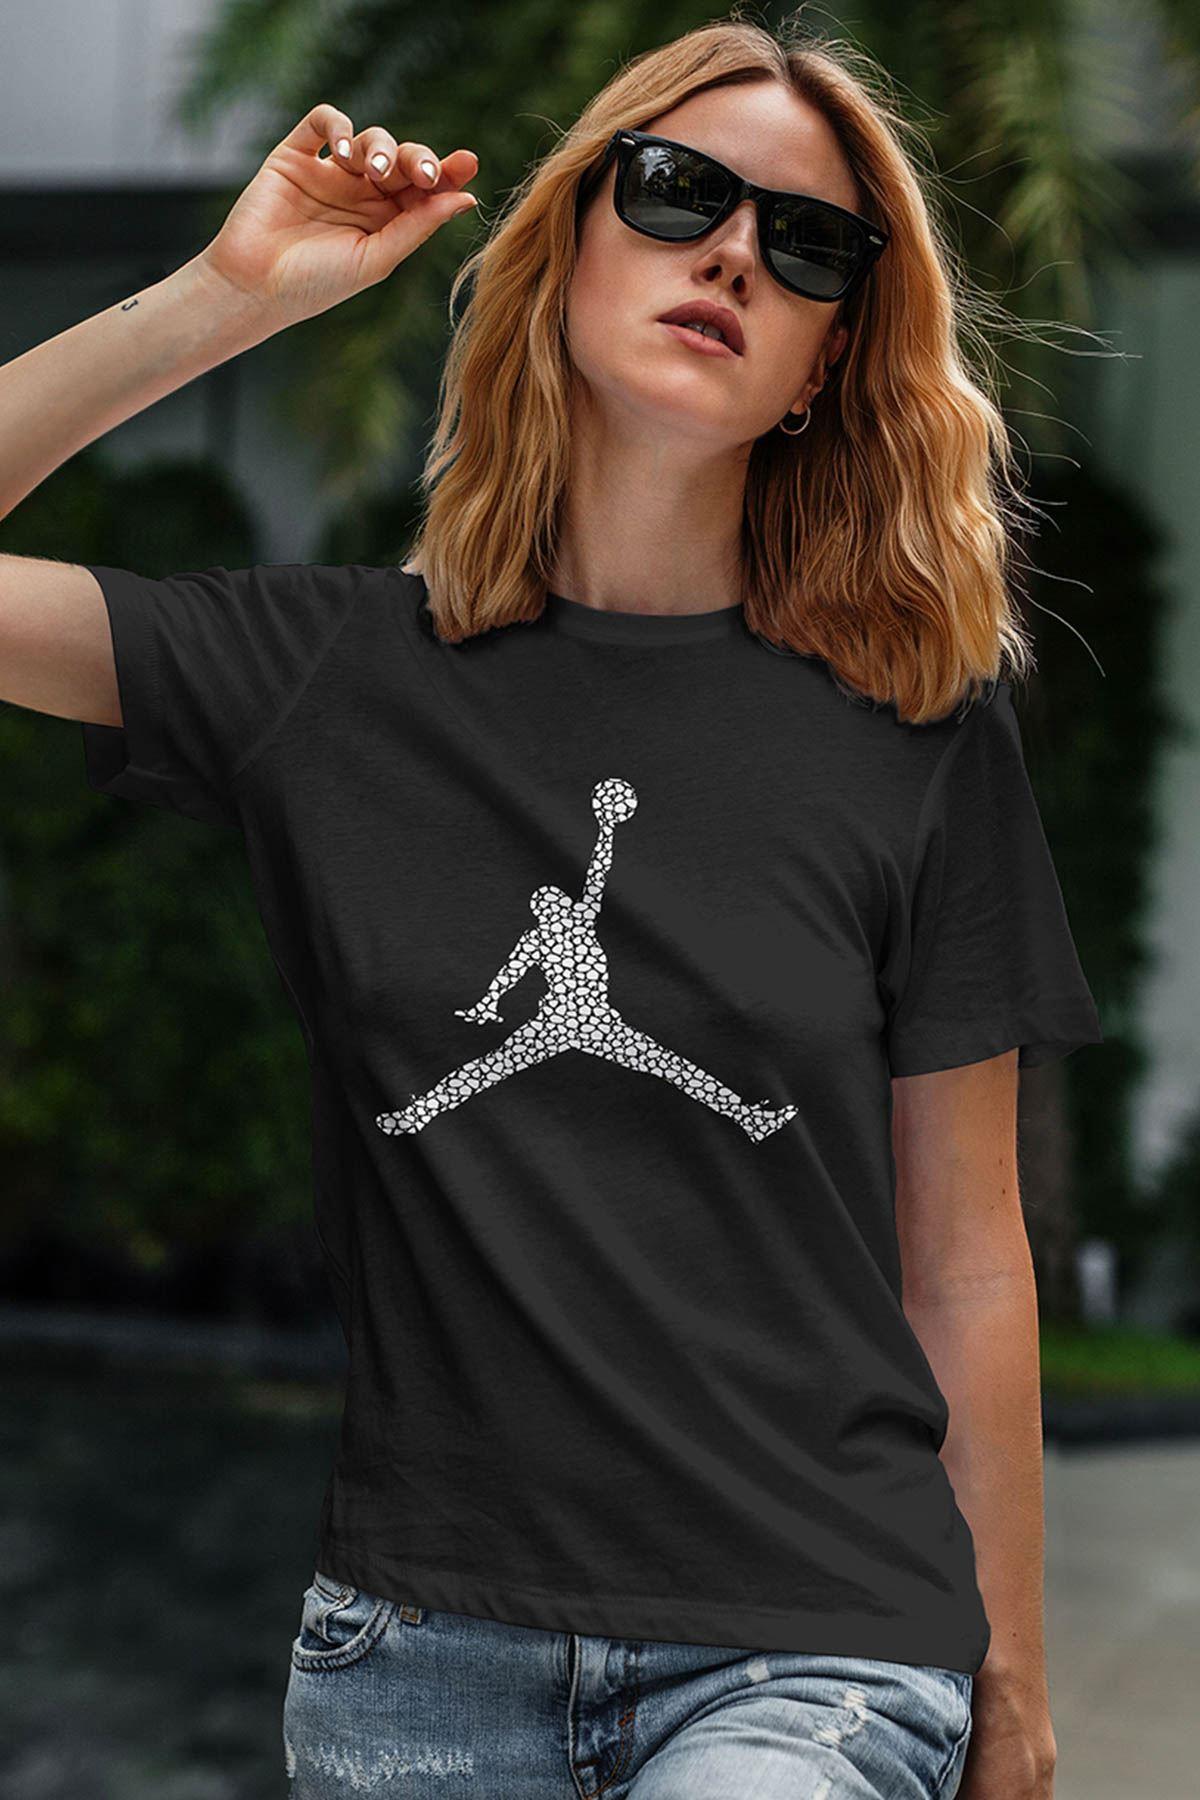 Air Jordan 16 Siyah NBA Kadın Tshirt - Tişört